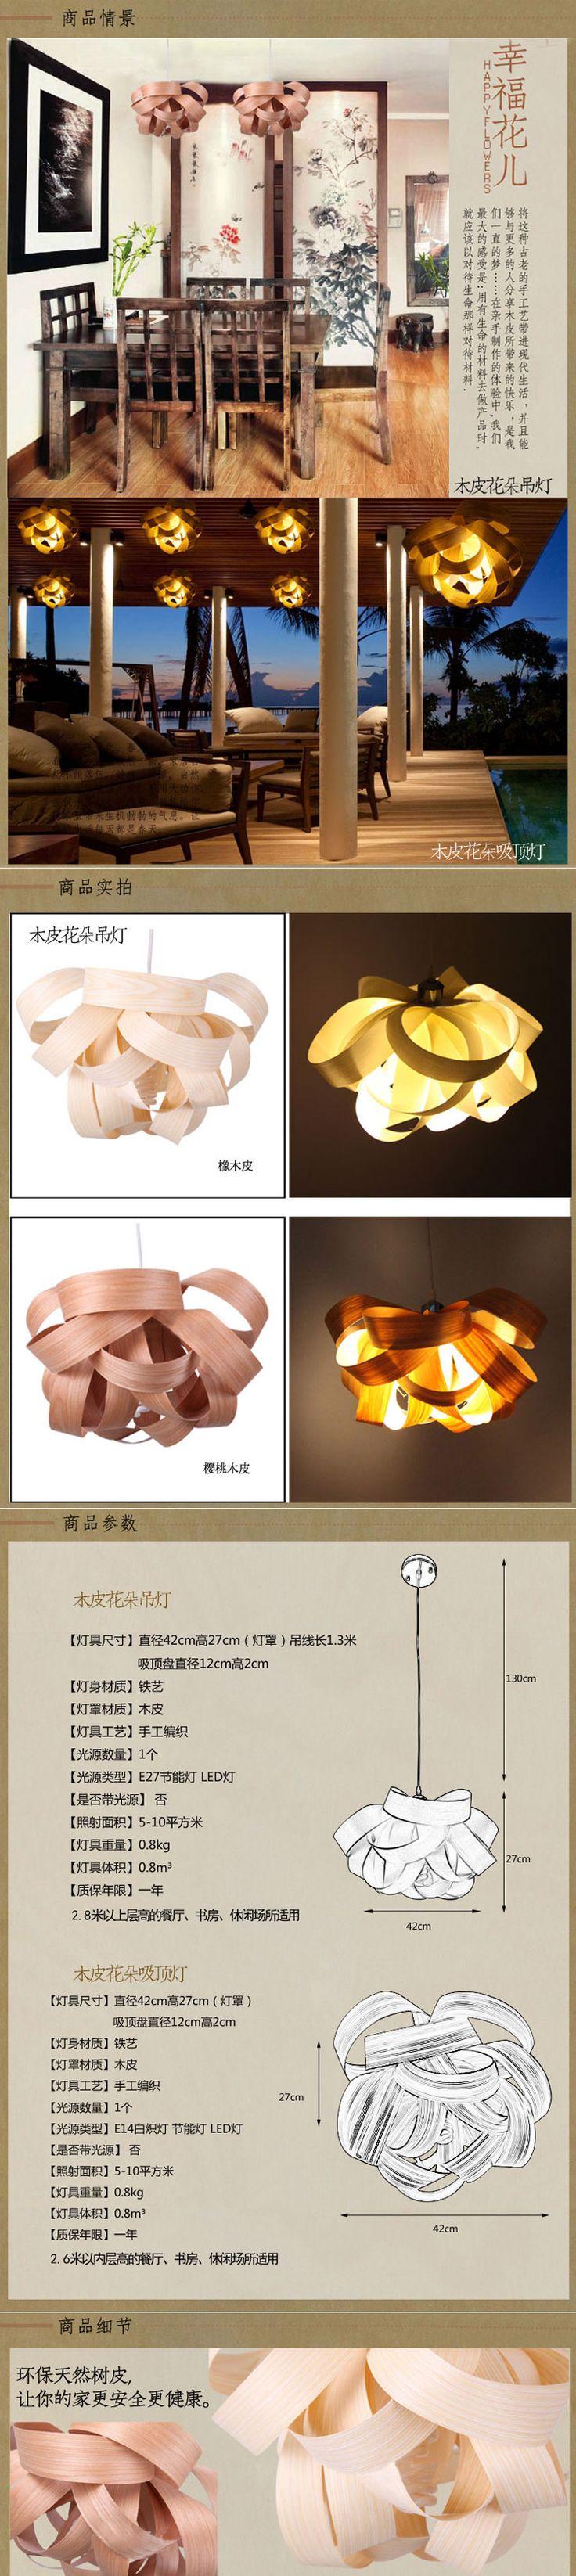 Oltre 25 fantastiche idee su illuminazione ristorante su for Lampada ristorante